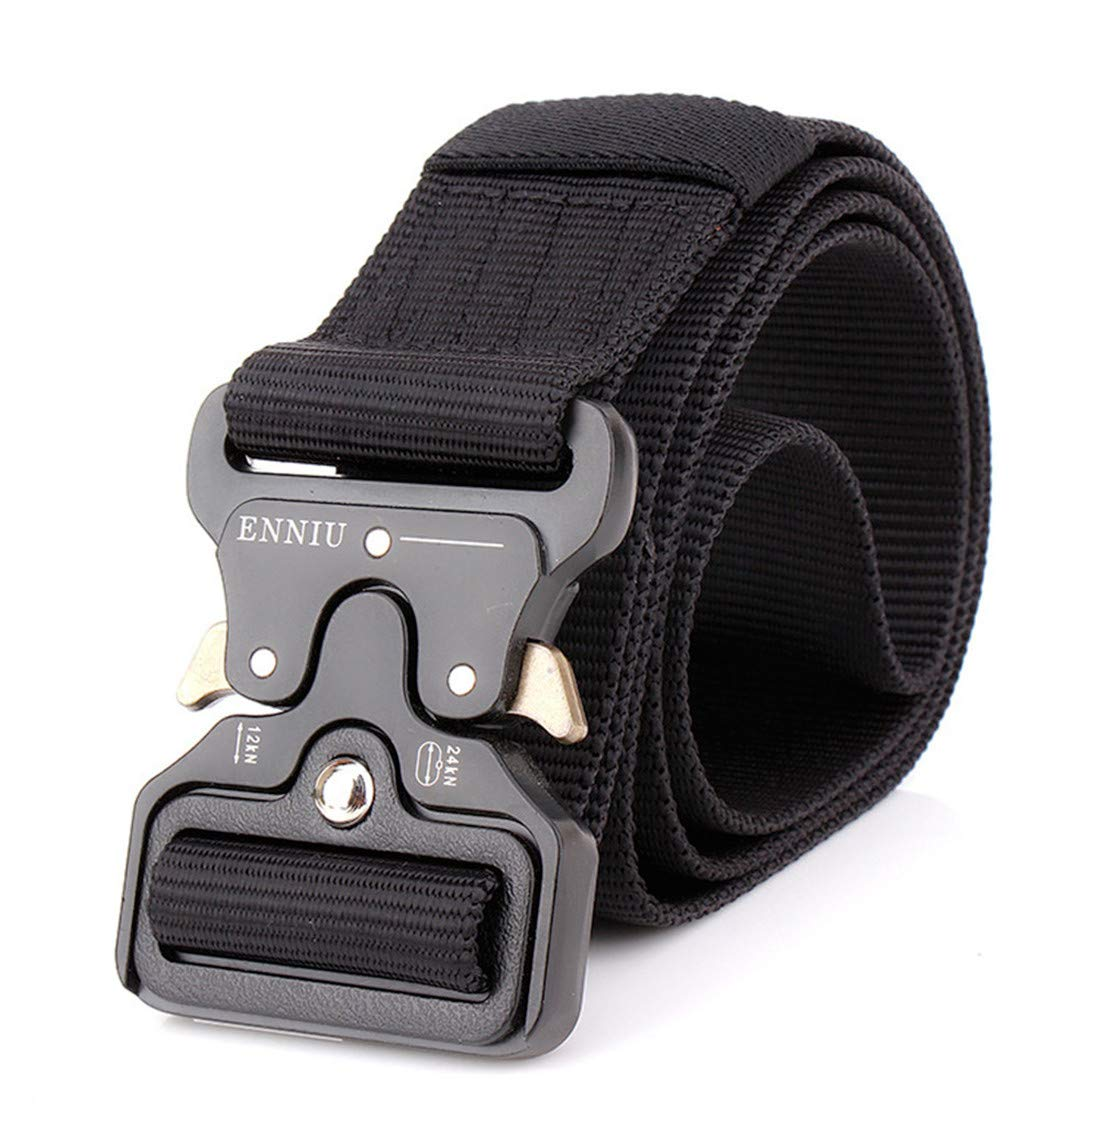 Black, Belt Width: 5CM//1.97 49 ENNIU Men Tactical Buckle Belt Heavy Duty Metal Buckle Military Webbing Nylon Belt Training Strap